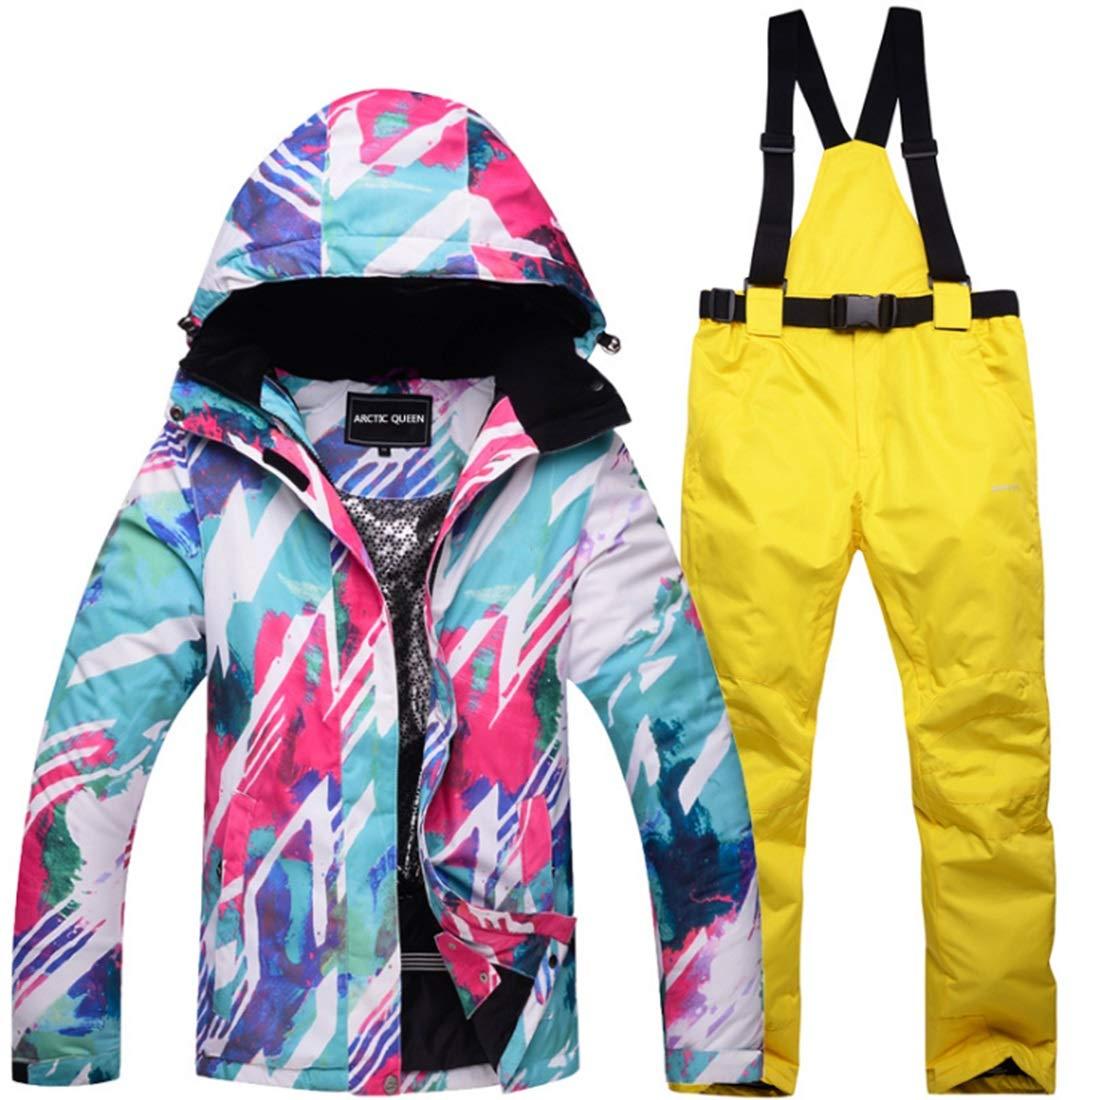 女性のスキージャケット防水 アウトドアスポーツのための雨雪アウトドアハイキング冬のレインコートよだれかけパンツに設定された女性の防寒着冬のスキージャケットとパンツ レディース冬の雪のジャケットレインコート (色 : 03, サイズ : L)  Large